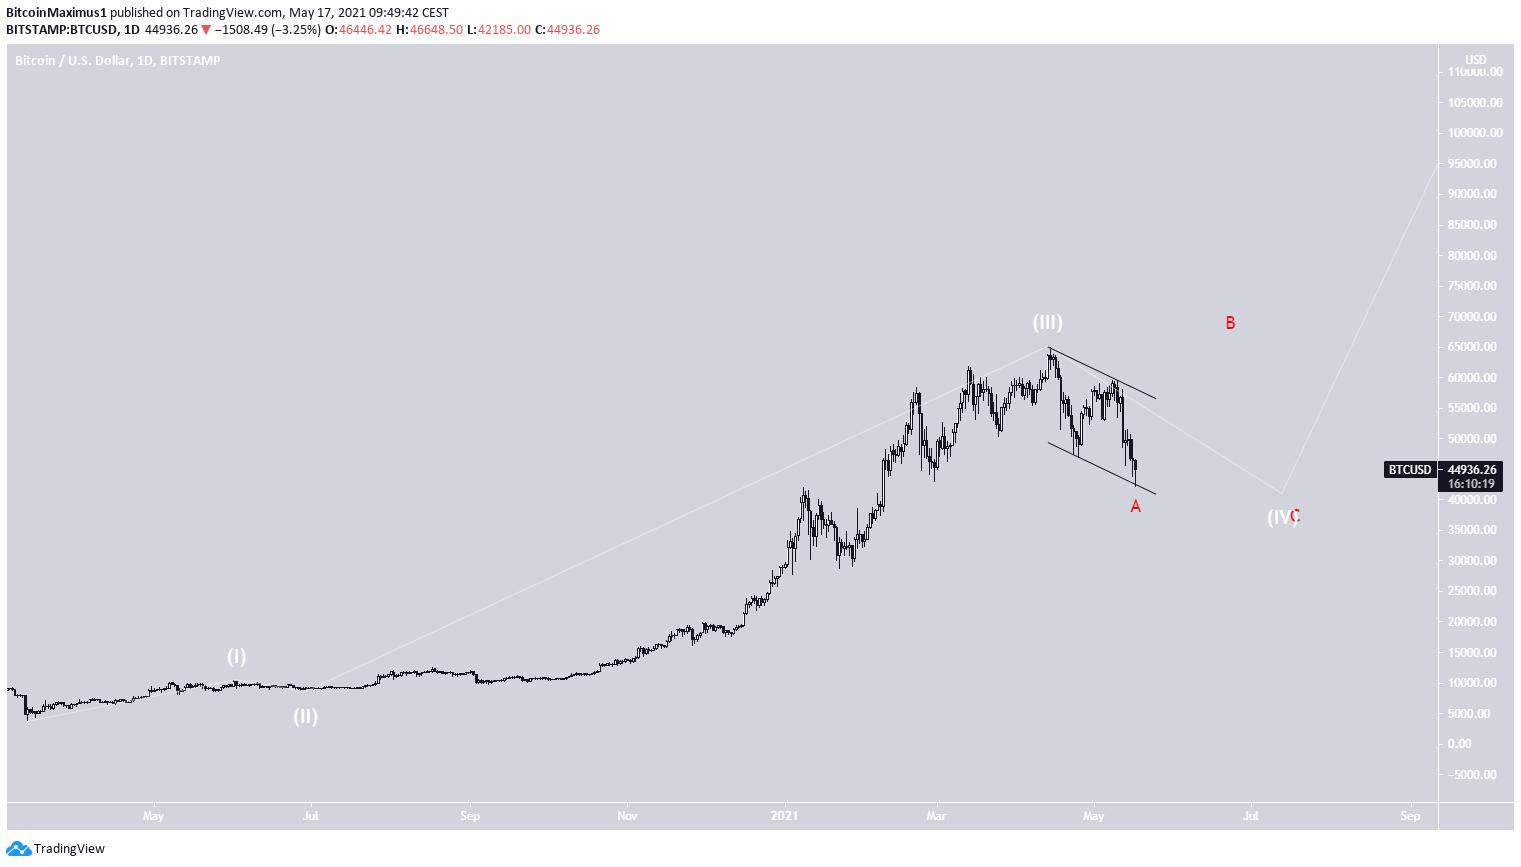 Bitcoin Kurs Preis Wellenanalyse Langzeit 17.05.2021 Chart